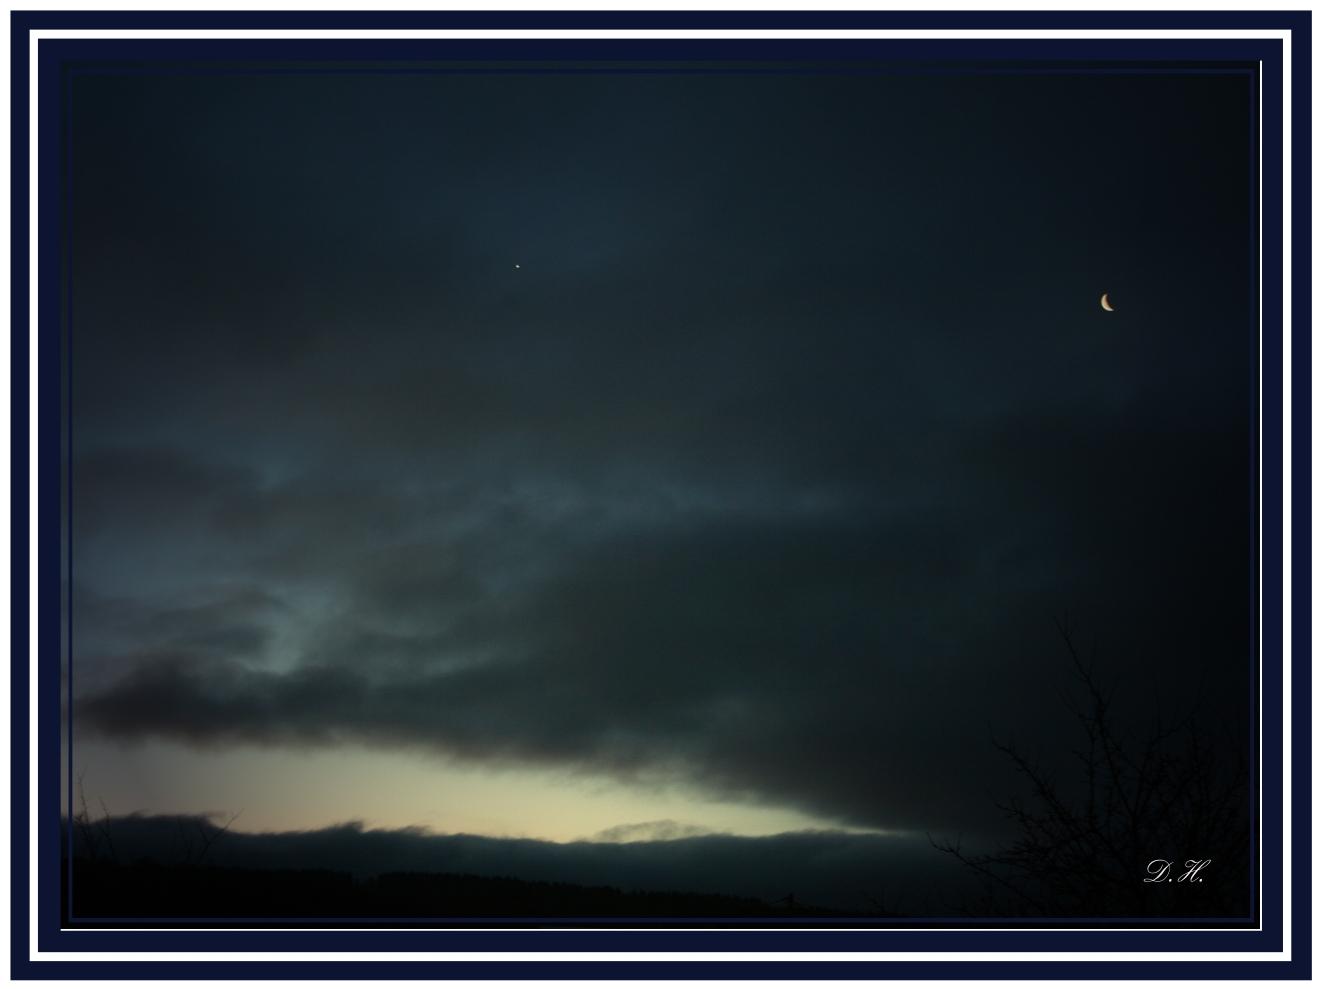 Morgengrauen über Rosenheim/ Ww